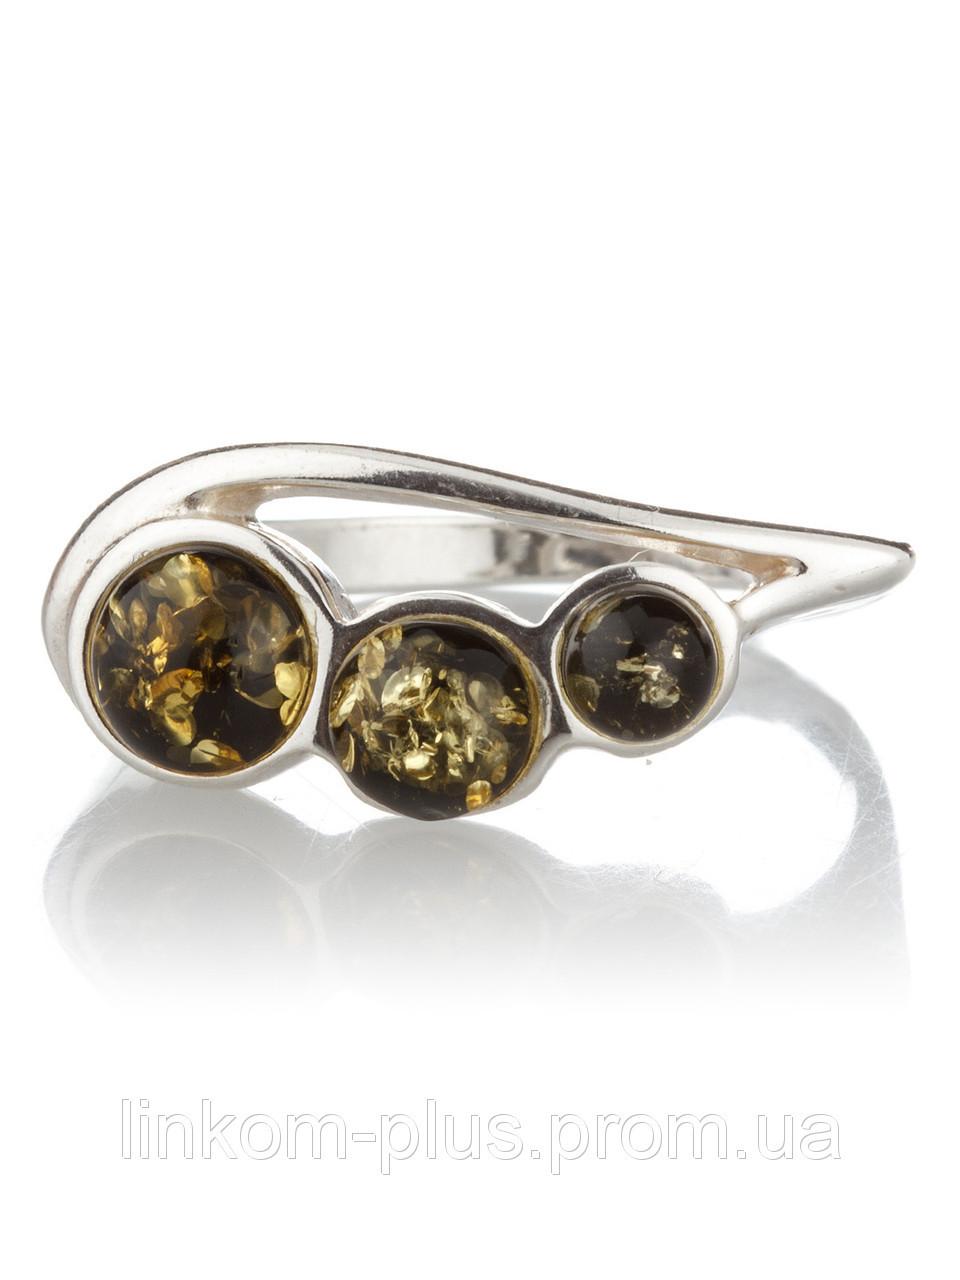 Кольцо с янтарем серебряное